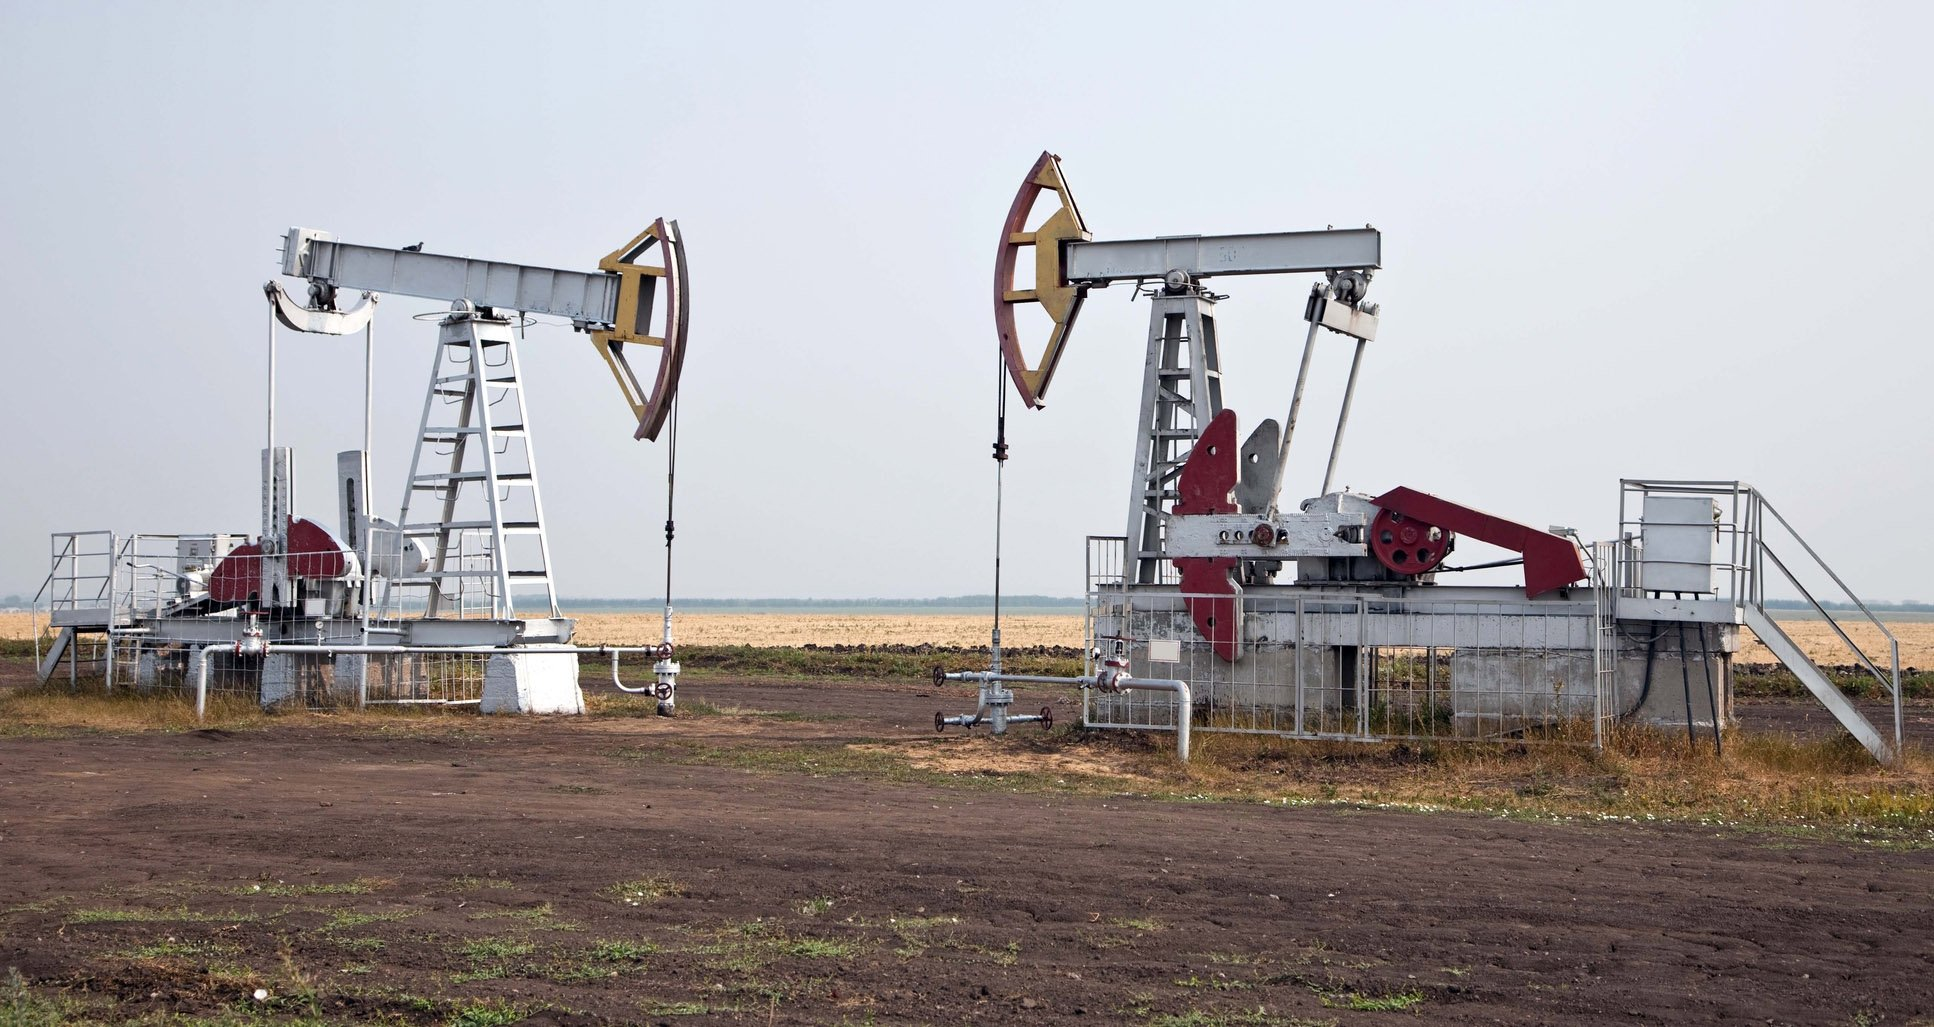 Ölpreis-Schock bietet ertragreiche Investitions-Optionen